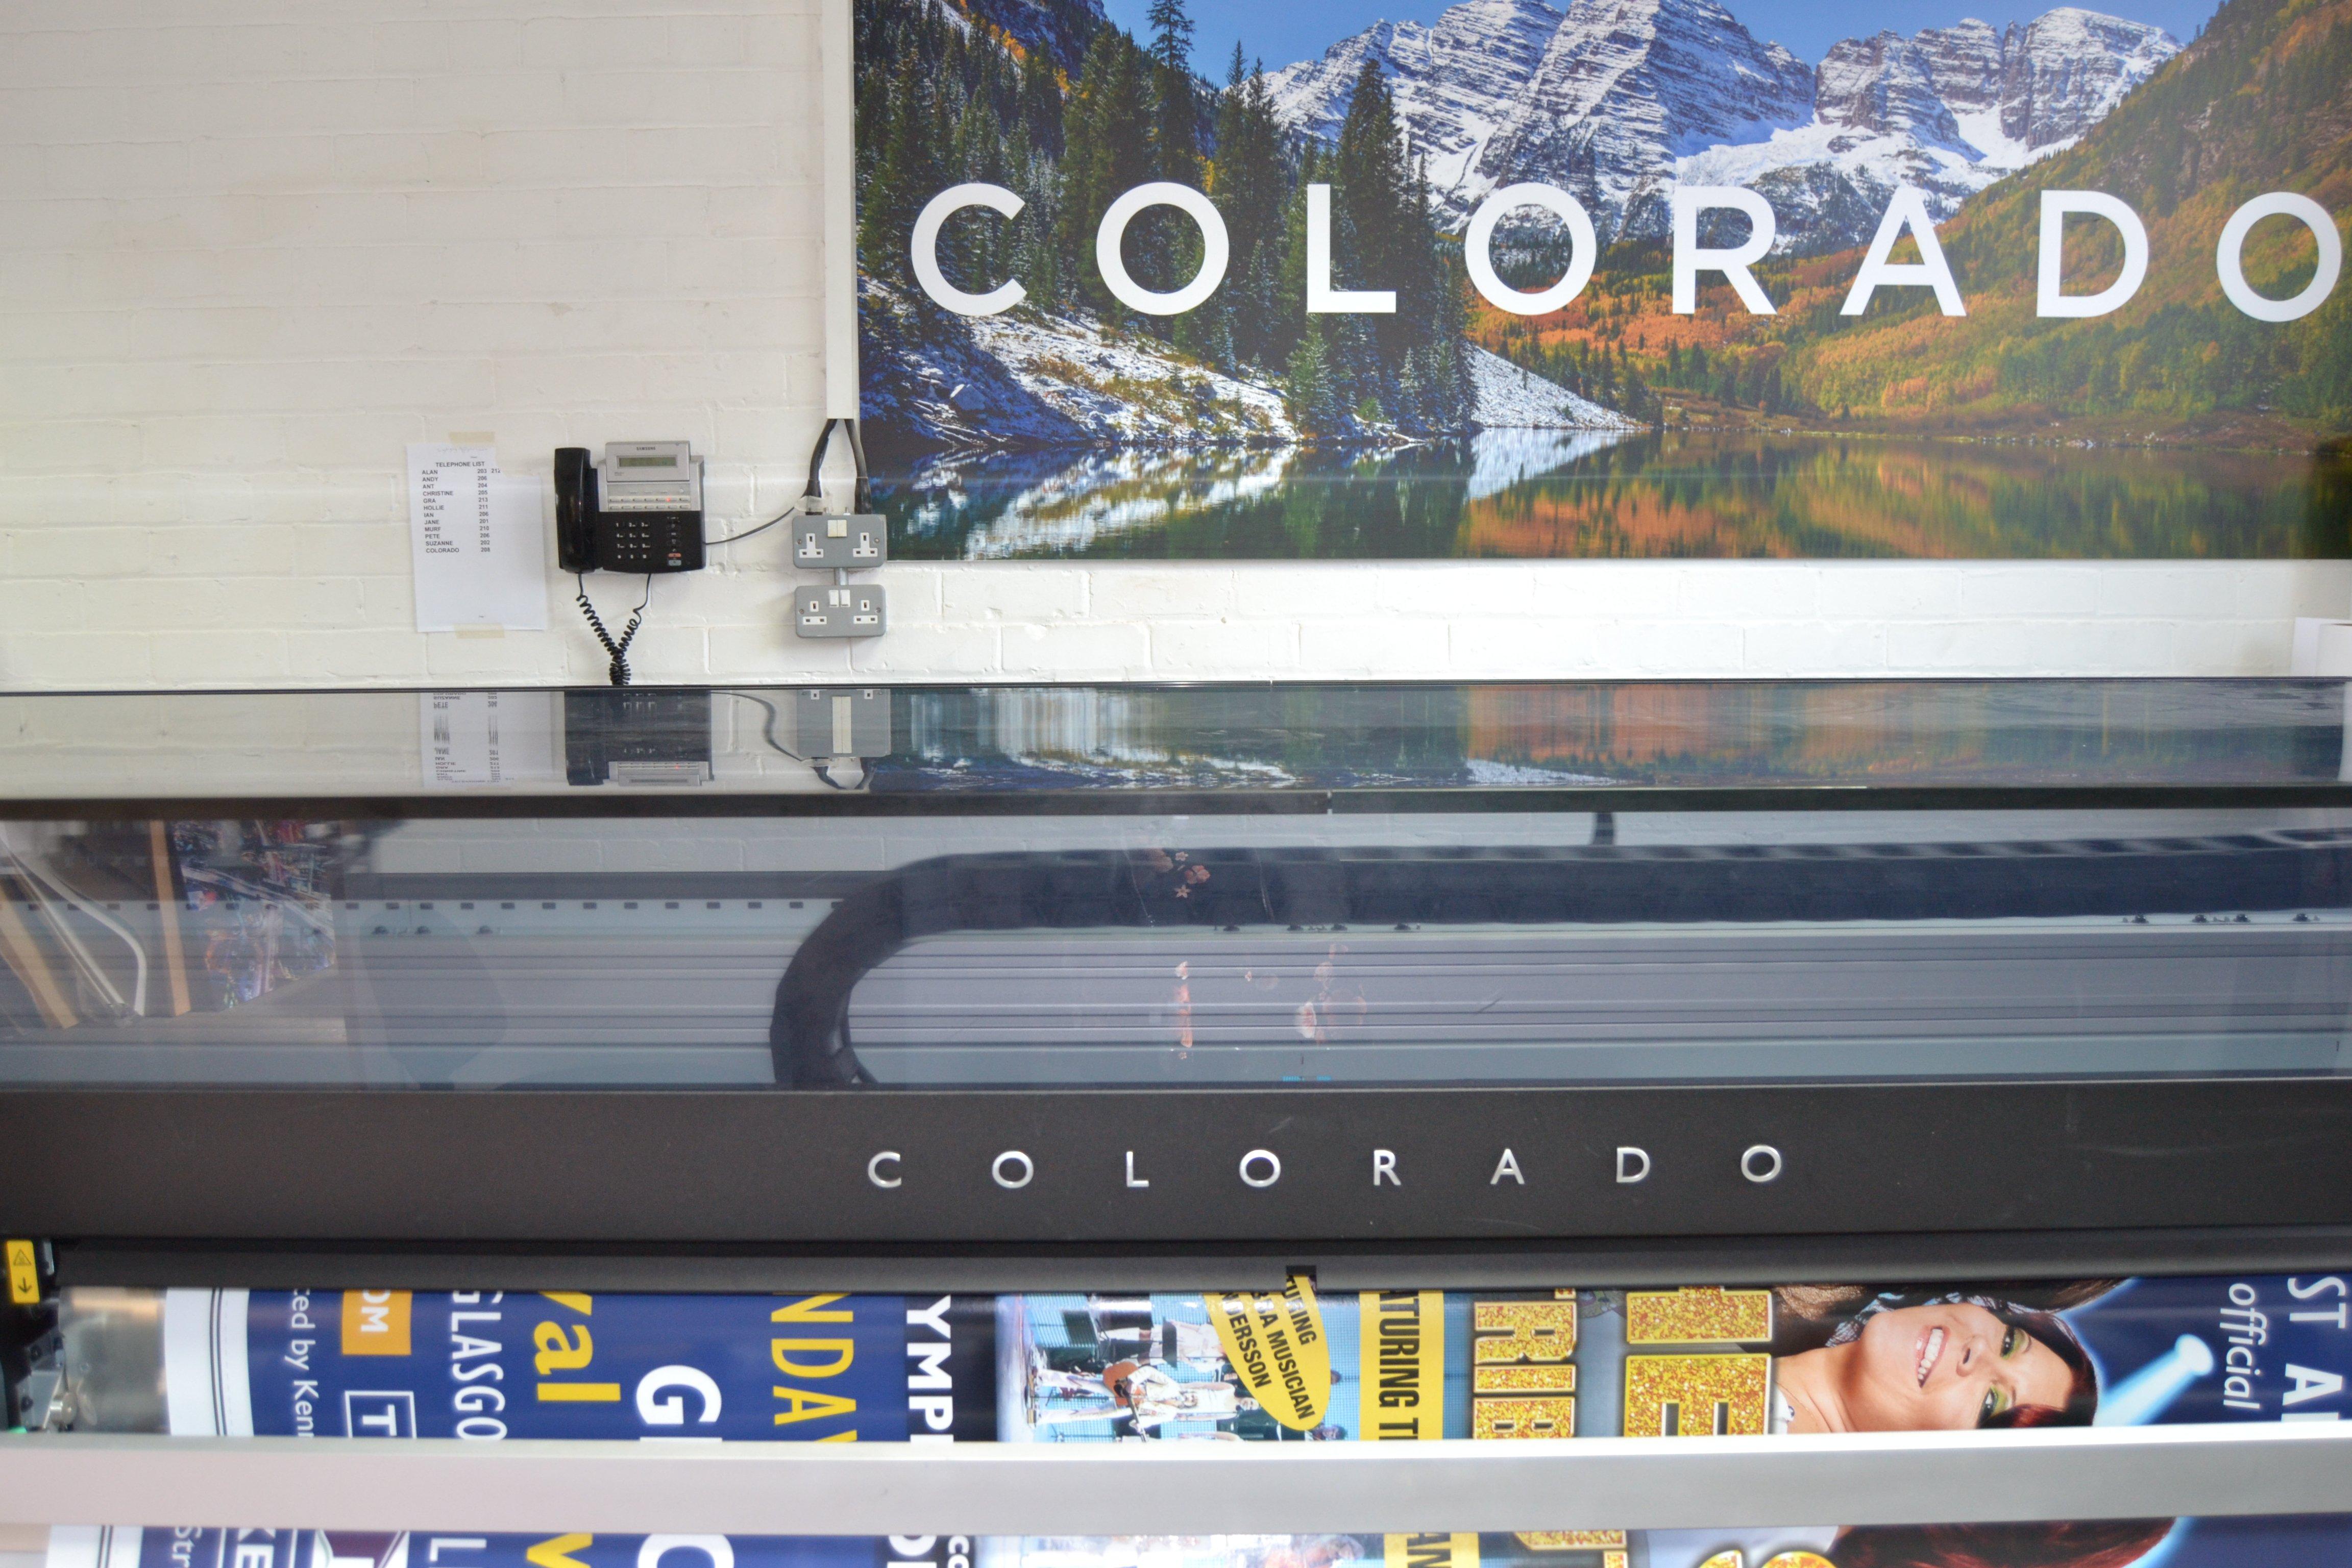 Print machines